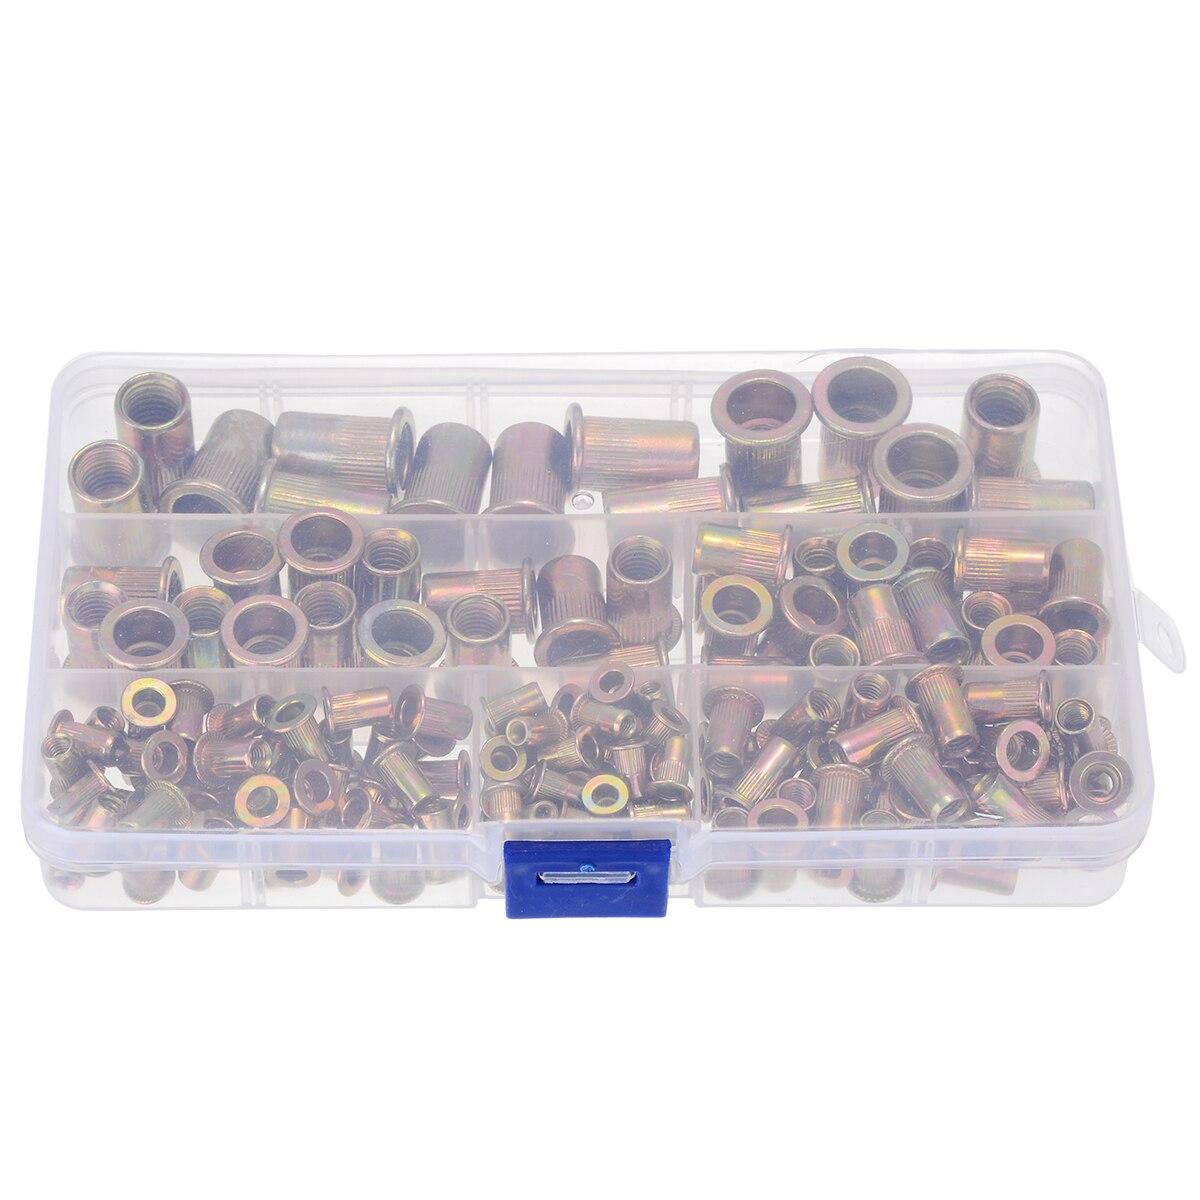 New 175pcs/kit M3 M4 M5 M6 M8 M10 Zinc Plated Carbon Steel Nuts Rivnut Flat Head Threaded Rivet Insert Nutsert Cap Rivet Nut